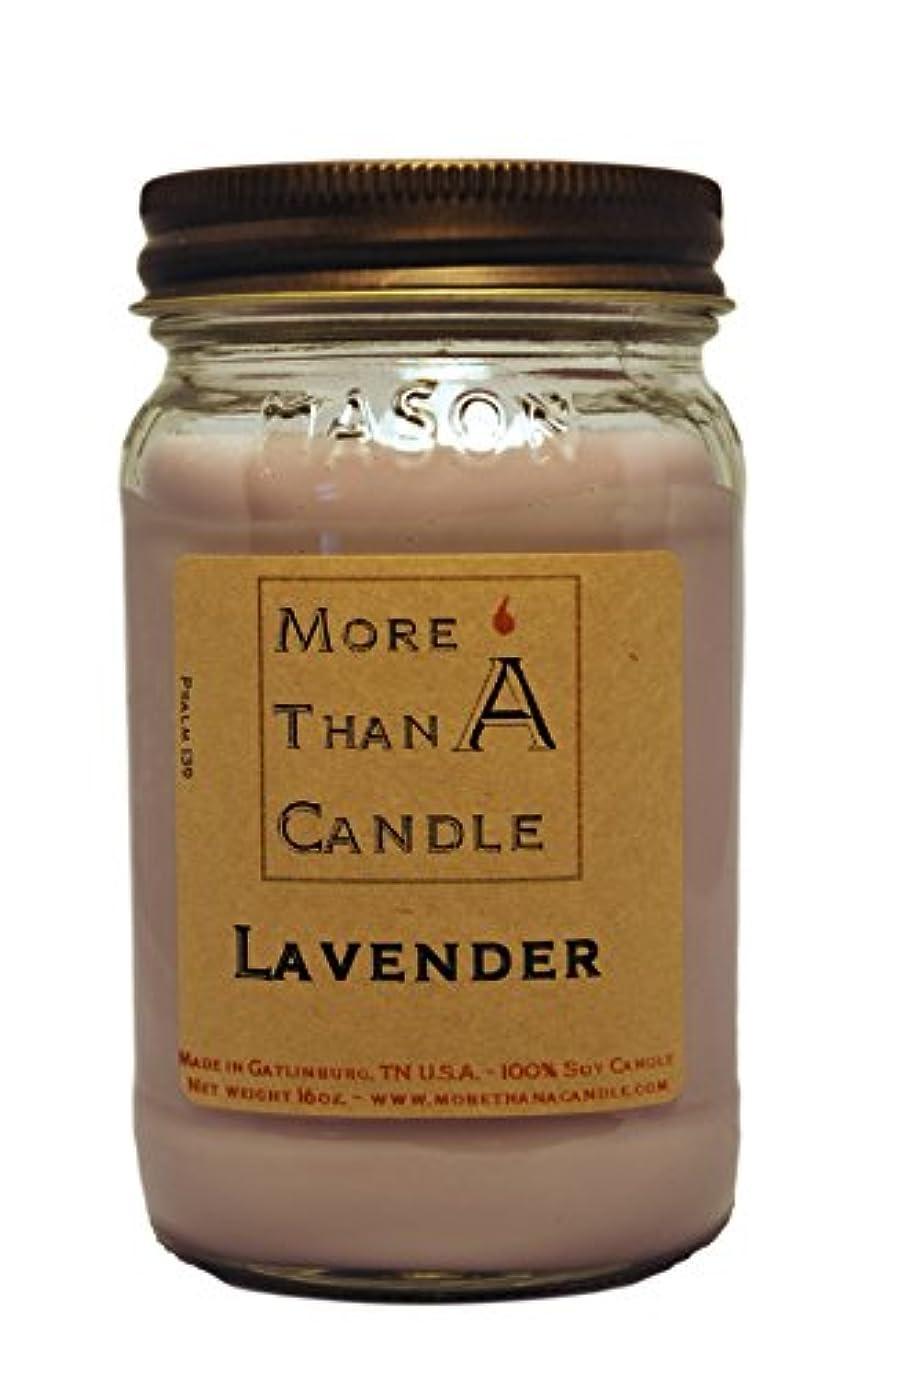 義務コンテンポラリー晩餐More Than A Candle LDR16M 16 oz Mason Jar Soy Candle, Lavender